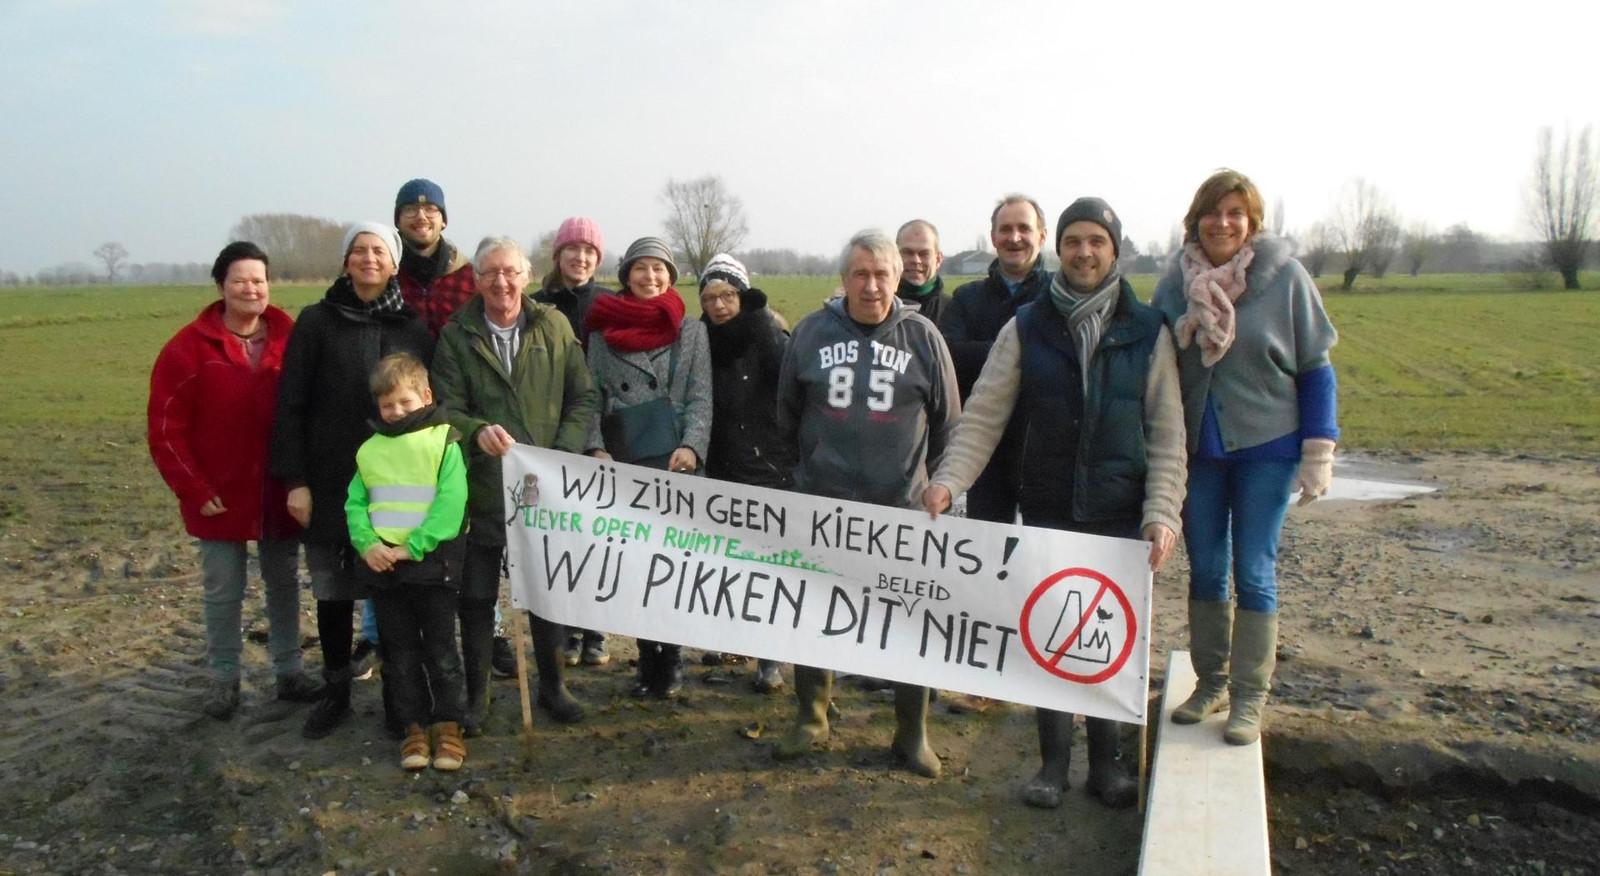 Het actiecomité Liever Open Ruimte tijdens één van de vorige protestacties.